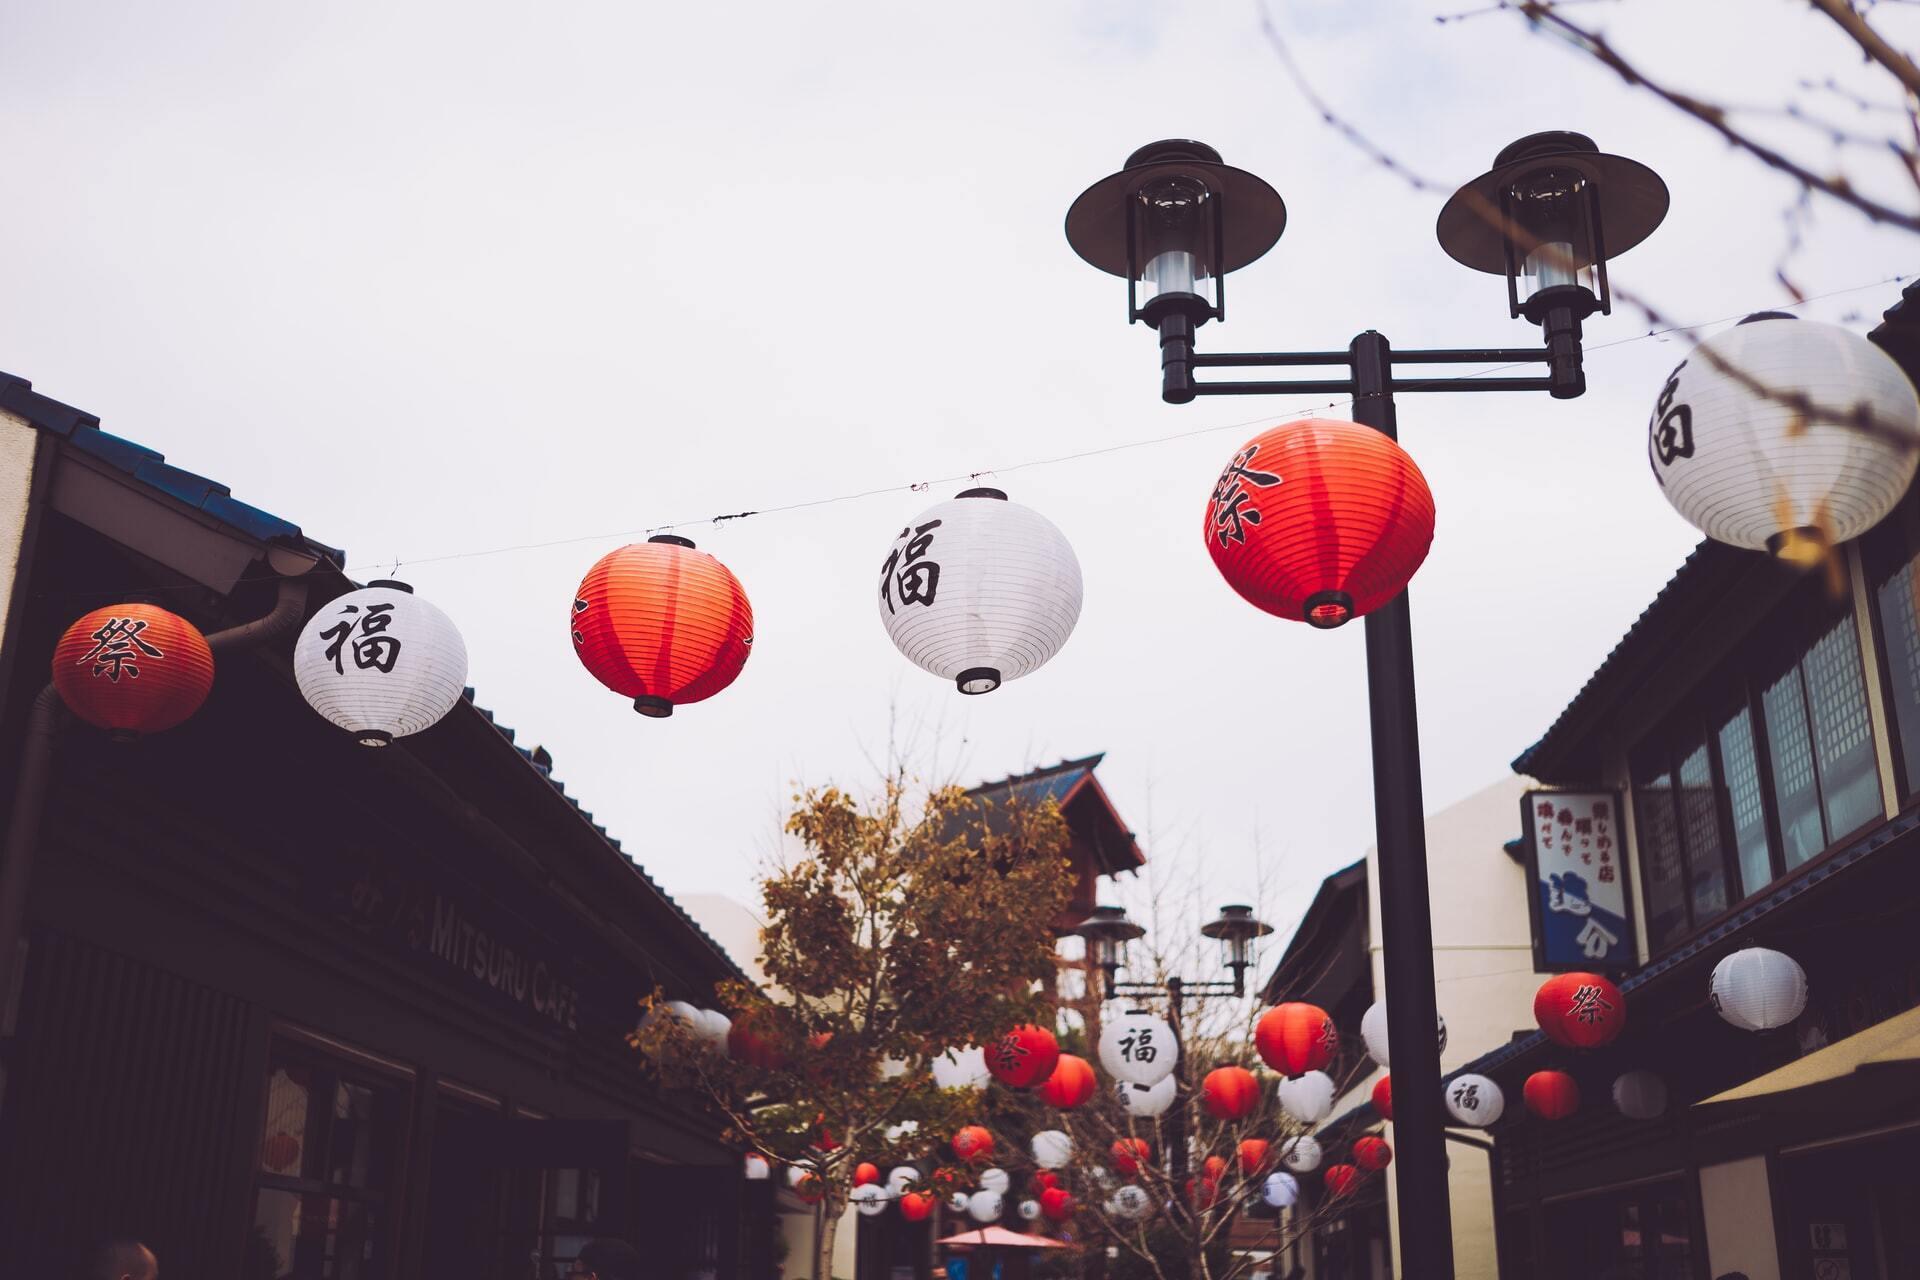 Китайский Новый год считается лучшим временем для прощения всех обид